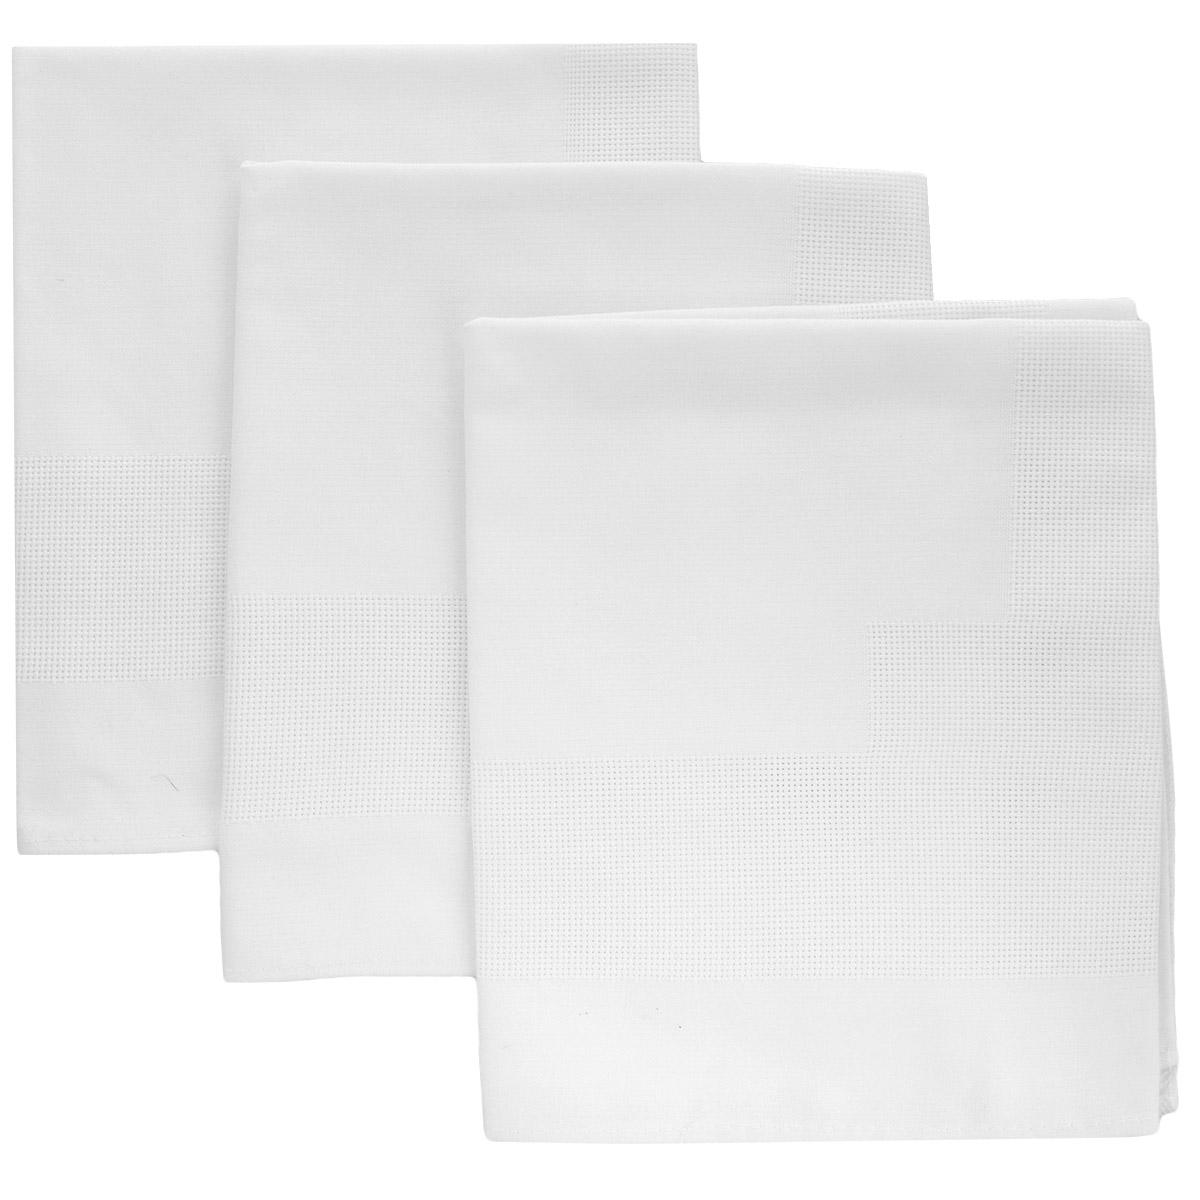 Салфетки Alisena, цвет: белый, 46 см х 44 см, 3 шт547206Салфетки Alisena выполнены из натурального льна. В наборе - 3 салфетки. Такие салфетки защитят ваш стол от царапин и станут оригинальным дополнением интерьера. Вы можете использовать салфетки для декорирования стола, комода, журнального столика. В любом случае они добавят в ваш дом стиля, изысканности и неповторимости. Комплектация: 3 шт.